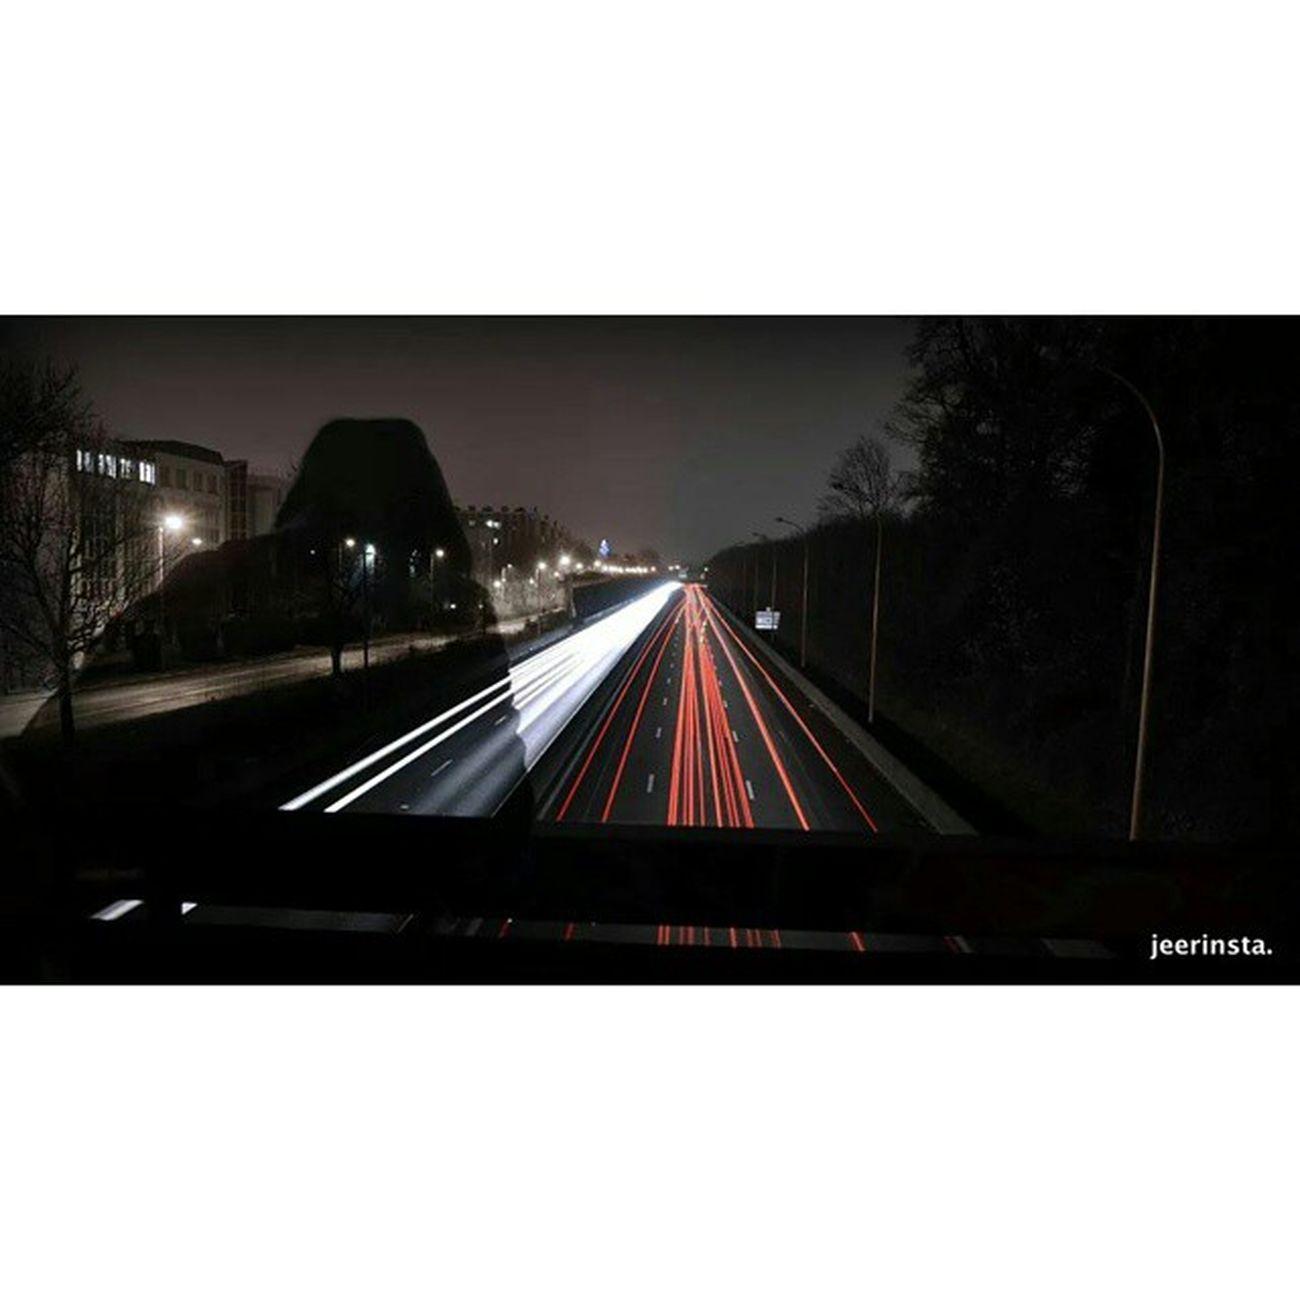 22:30 Highway 118